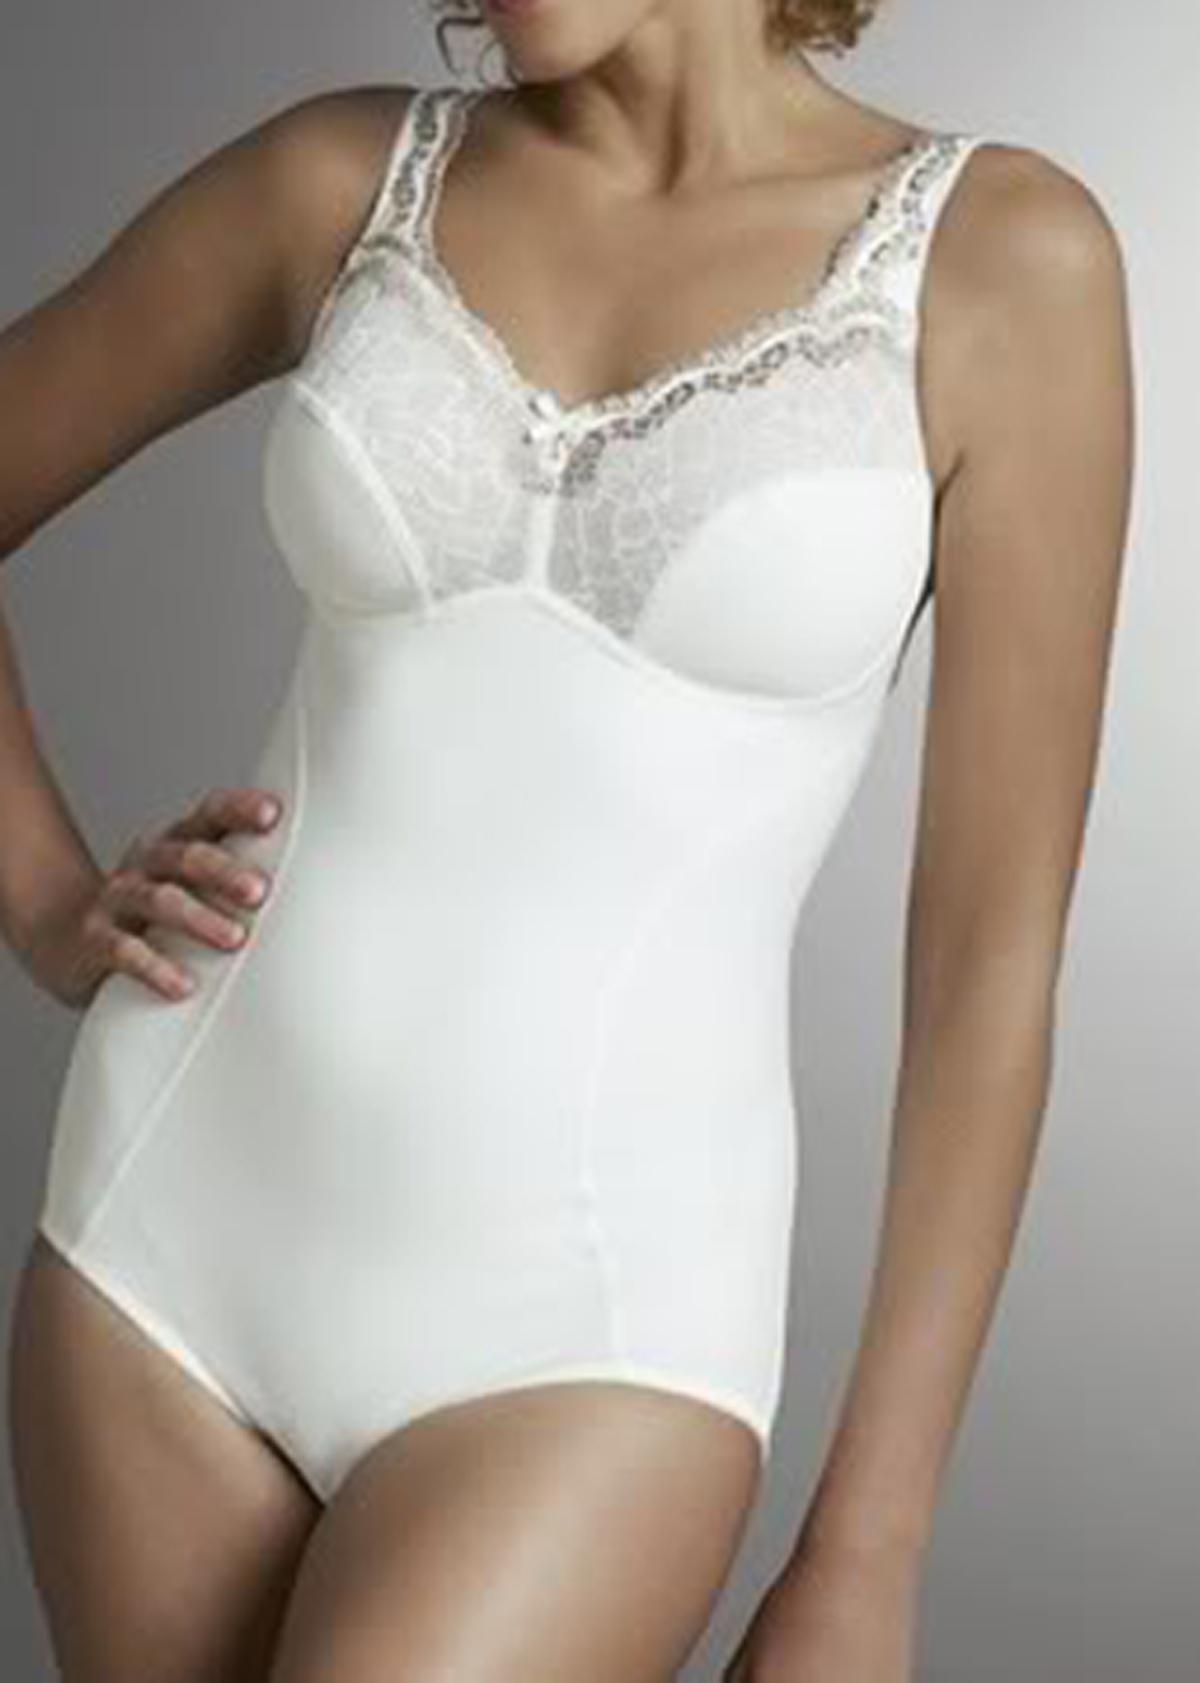 käytettävissä ei myyntiveroa uudet tyylit Swegmark Cream Shaping Lace Body Corselette 36 to 48 B C D ...